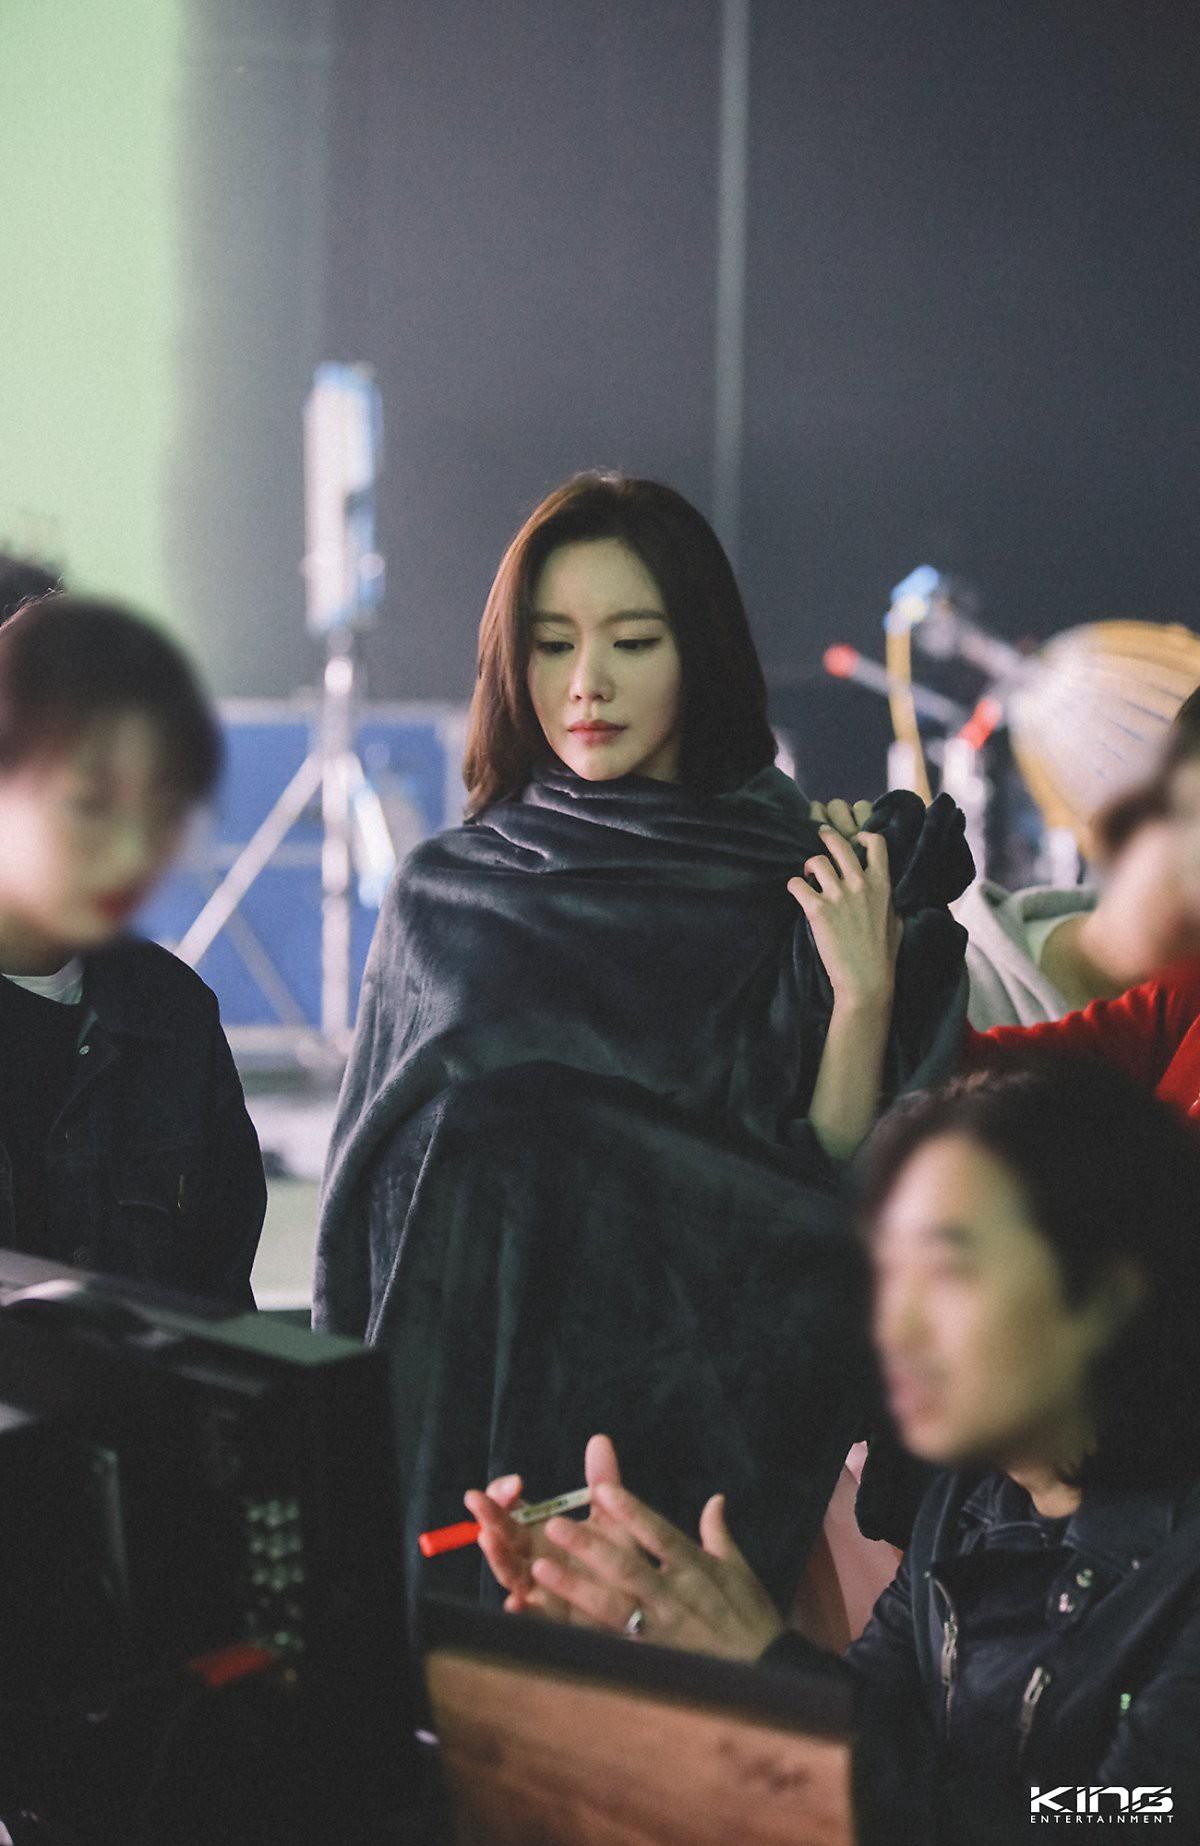 Chùm ảnh hậu trường gây sốt của mỹ nhân Sắc đẹp ngàn cân: U40 vẫn trẻ đẹp khó tin, chẳng thua gì Park Min Young - Ảnh 11.